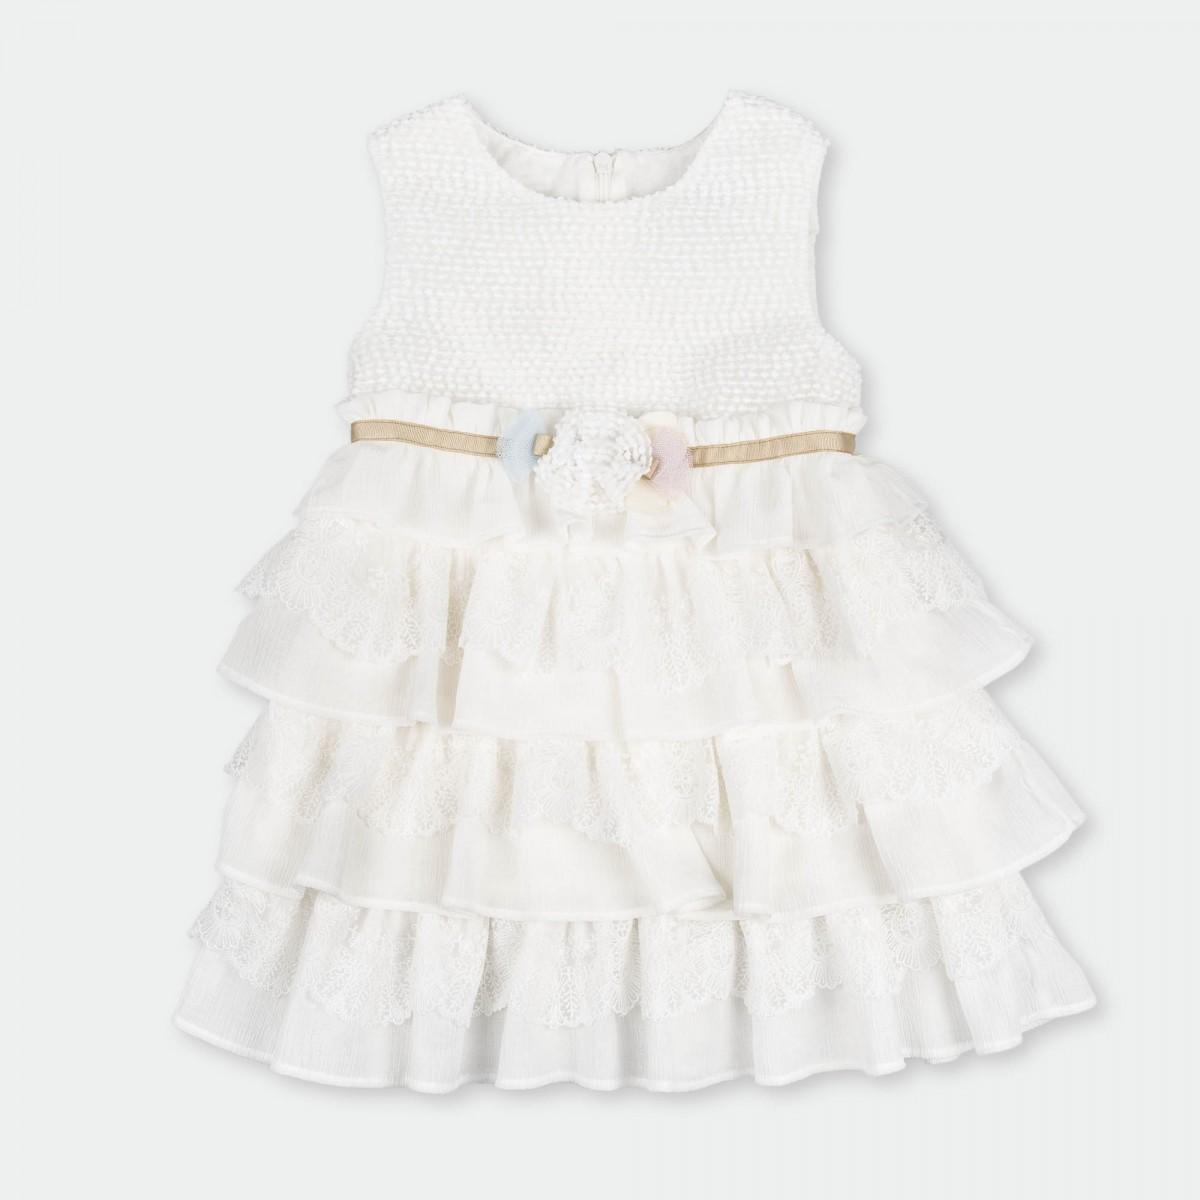 Vestido m-c_2445S17